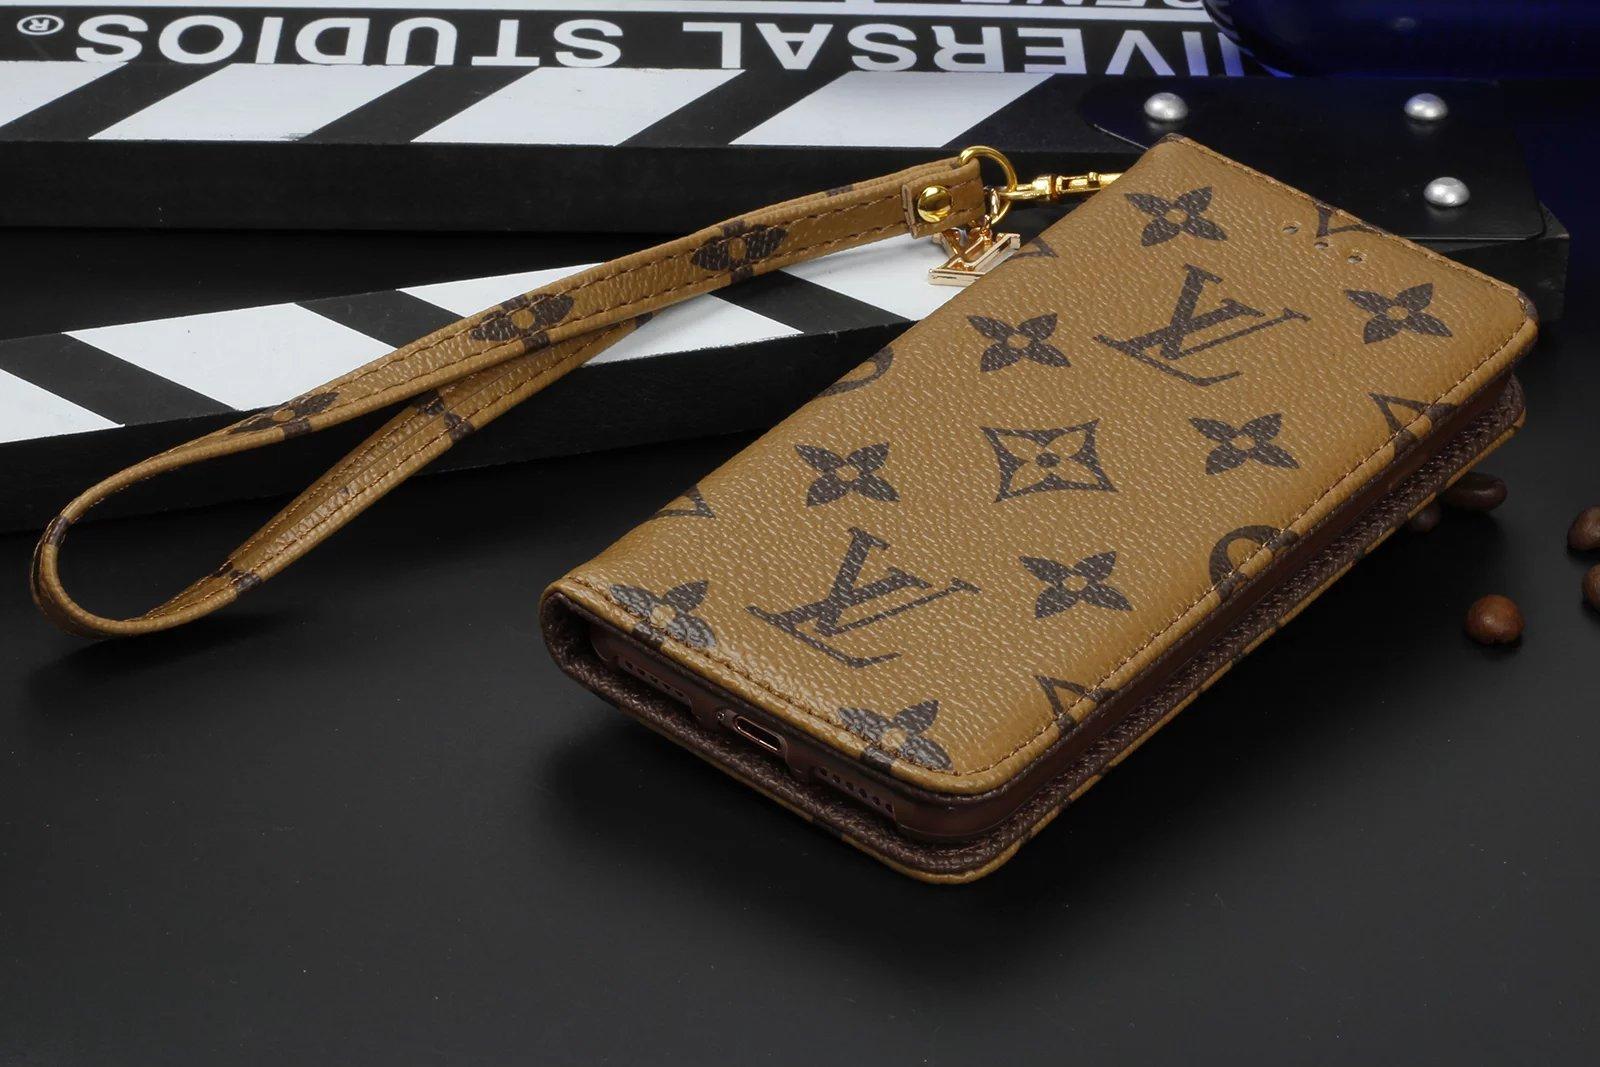 die besten iphone hüllen iphone case selber machen Louis Vuitton iphone6 hülle iphone 6 weiß hülle für iphone 6  handyhülle bedrucken iphone 6 a6 elbst gestalten iphone 6 hülle mit kartenfach handyhülle iphone 6 c